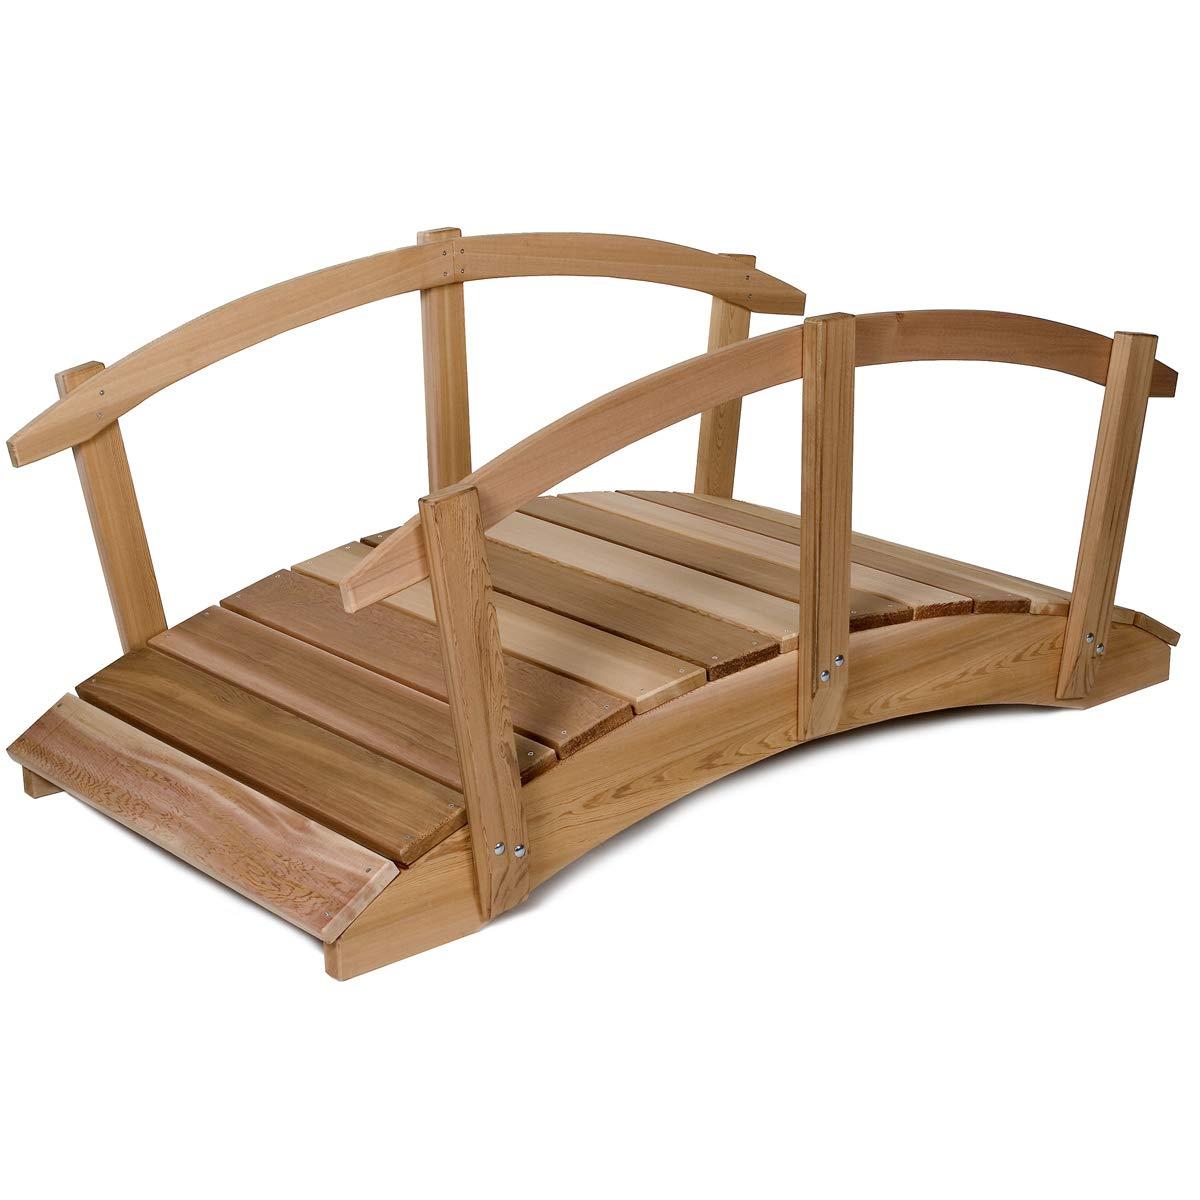 All Things Cedar FB72-R 6-ft Cedar Garden Bridge with Side Rails